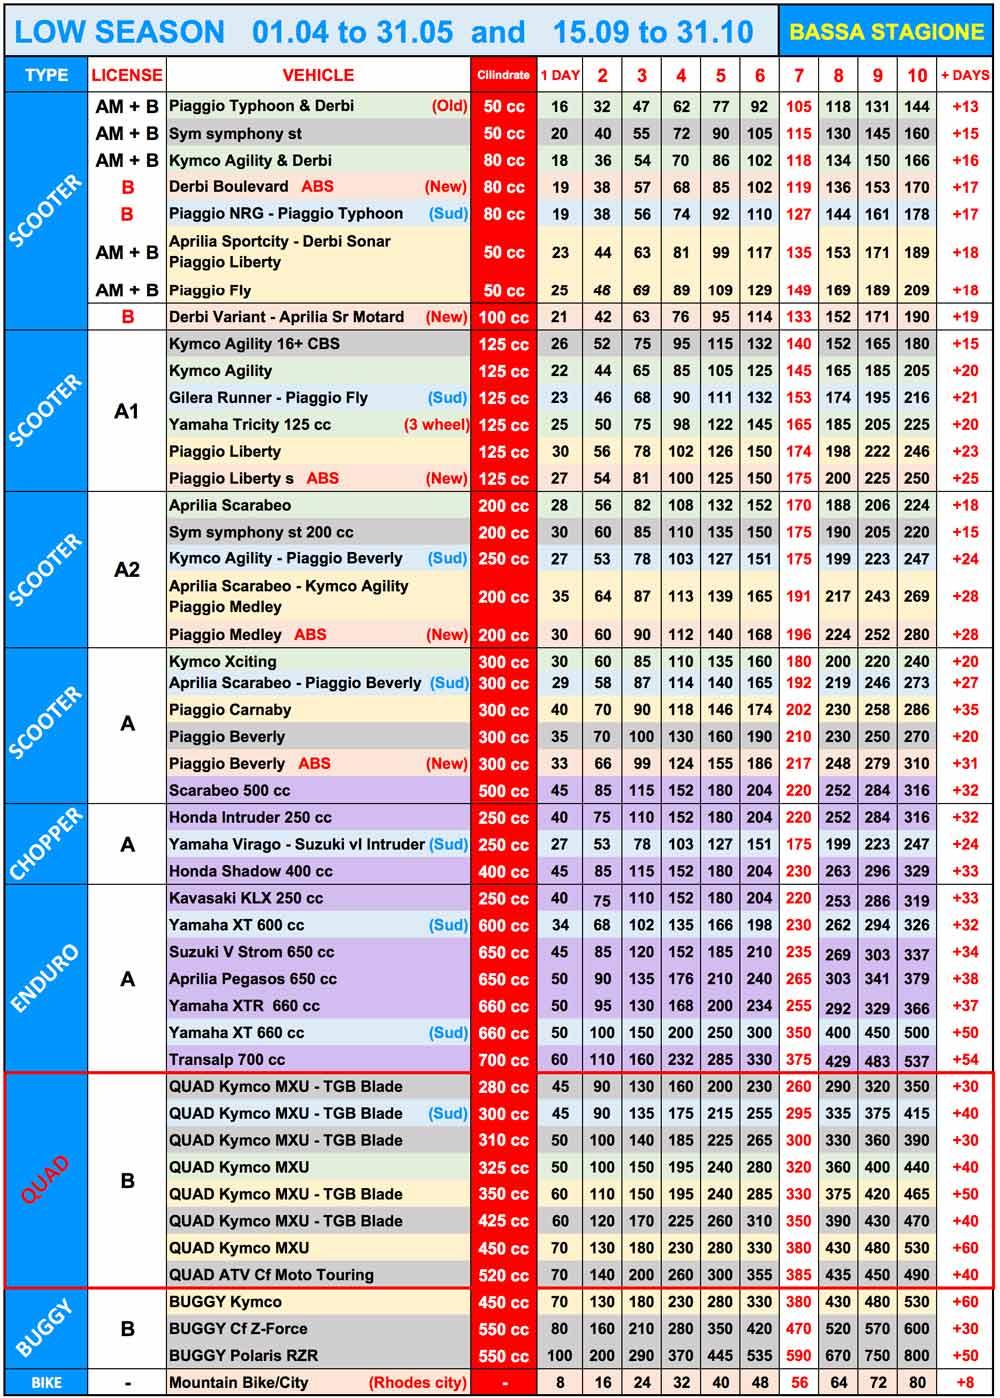 Rodi prezzario bassa stagione noleggio sccoter a rodi  quad noleggio auto a rodi aeroporto grecia autonoleggio rental car hire rent rhodes www.cosafarearodi.com rodos faliraki no credit card